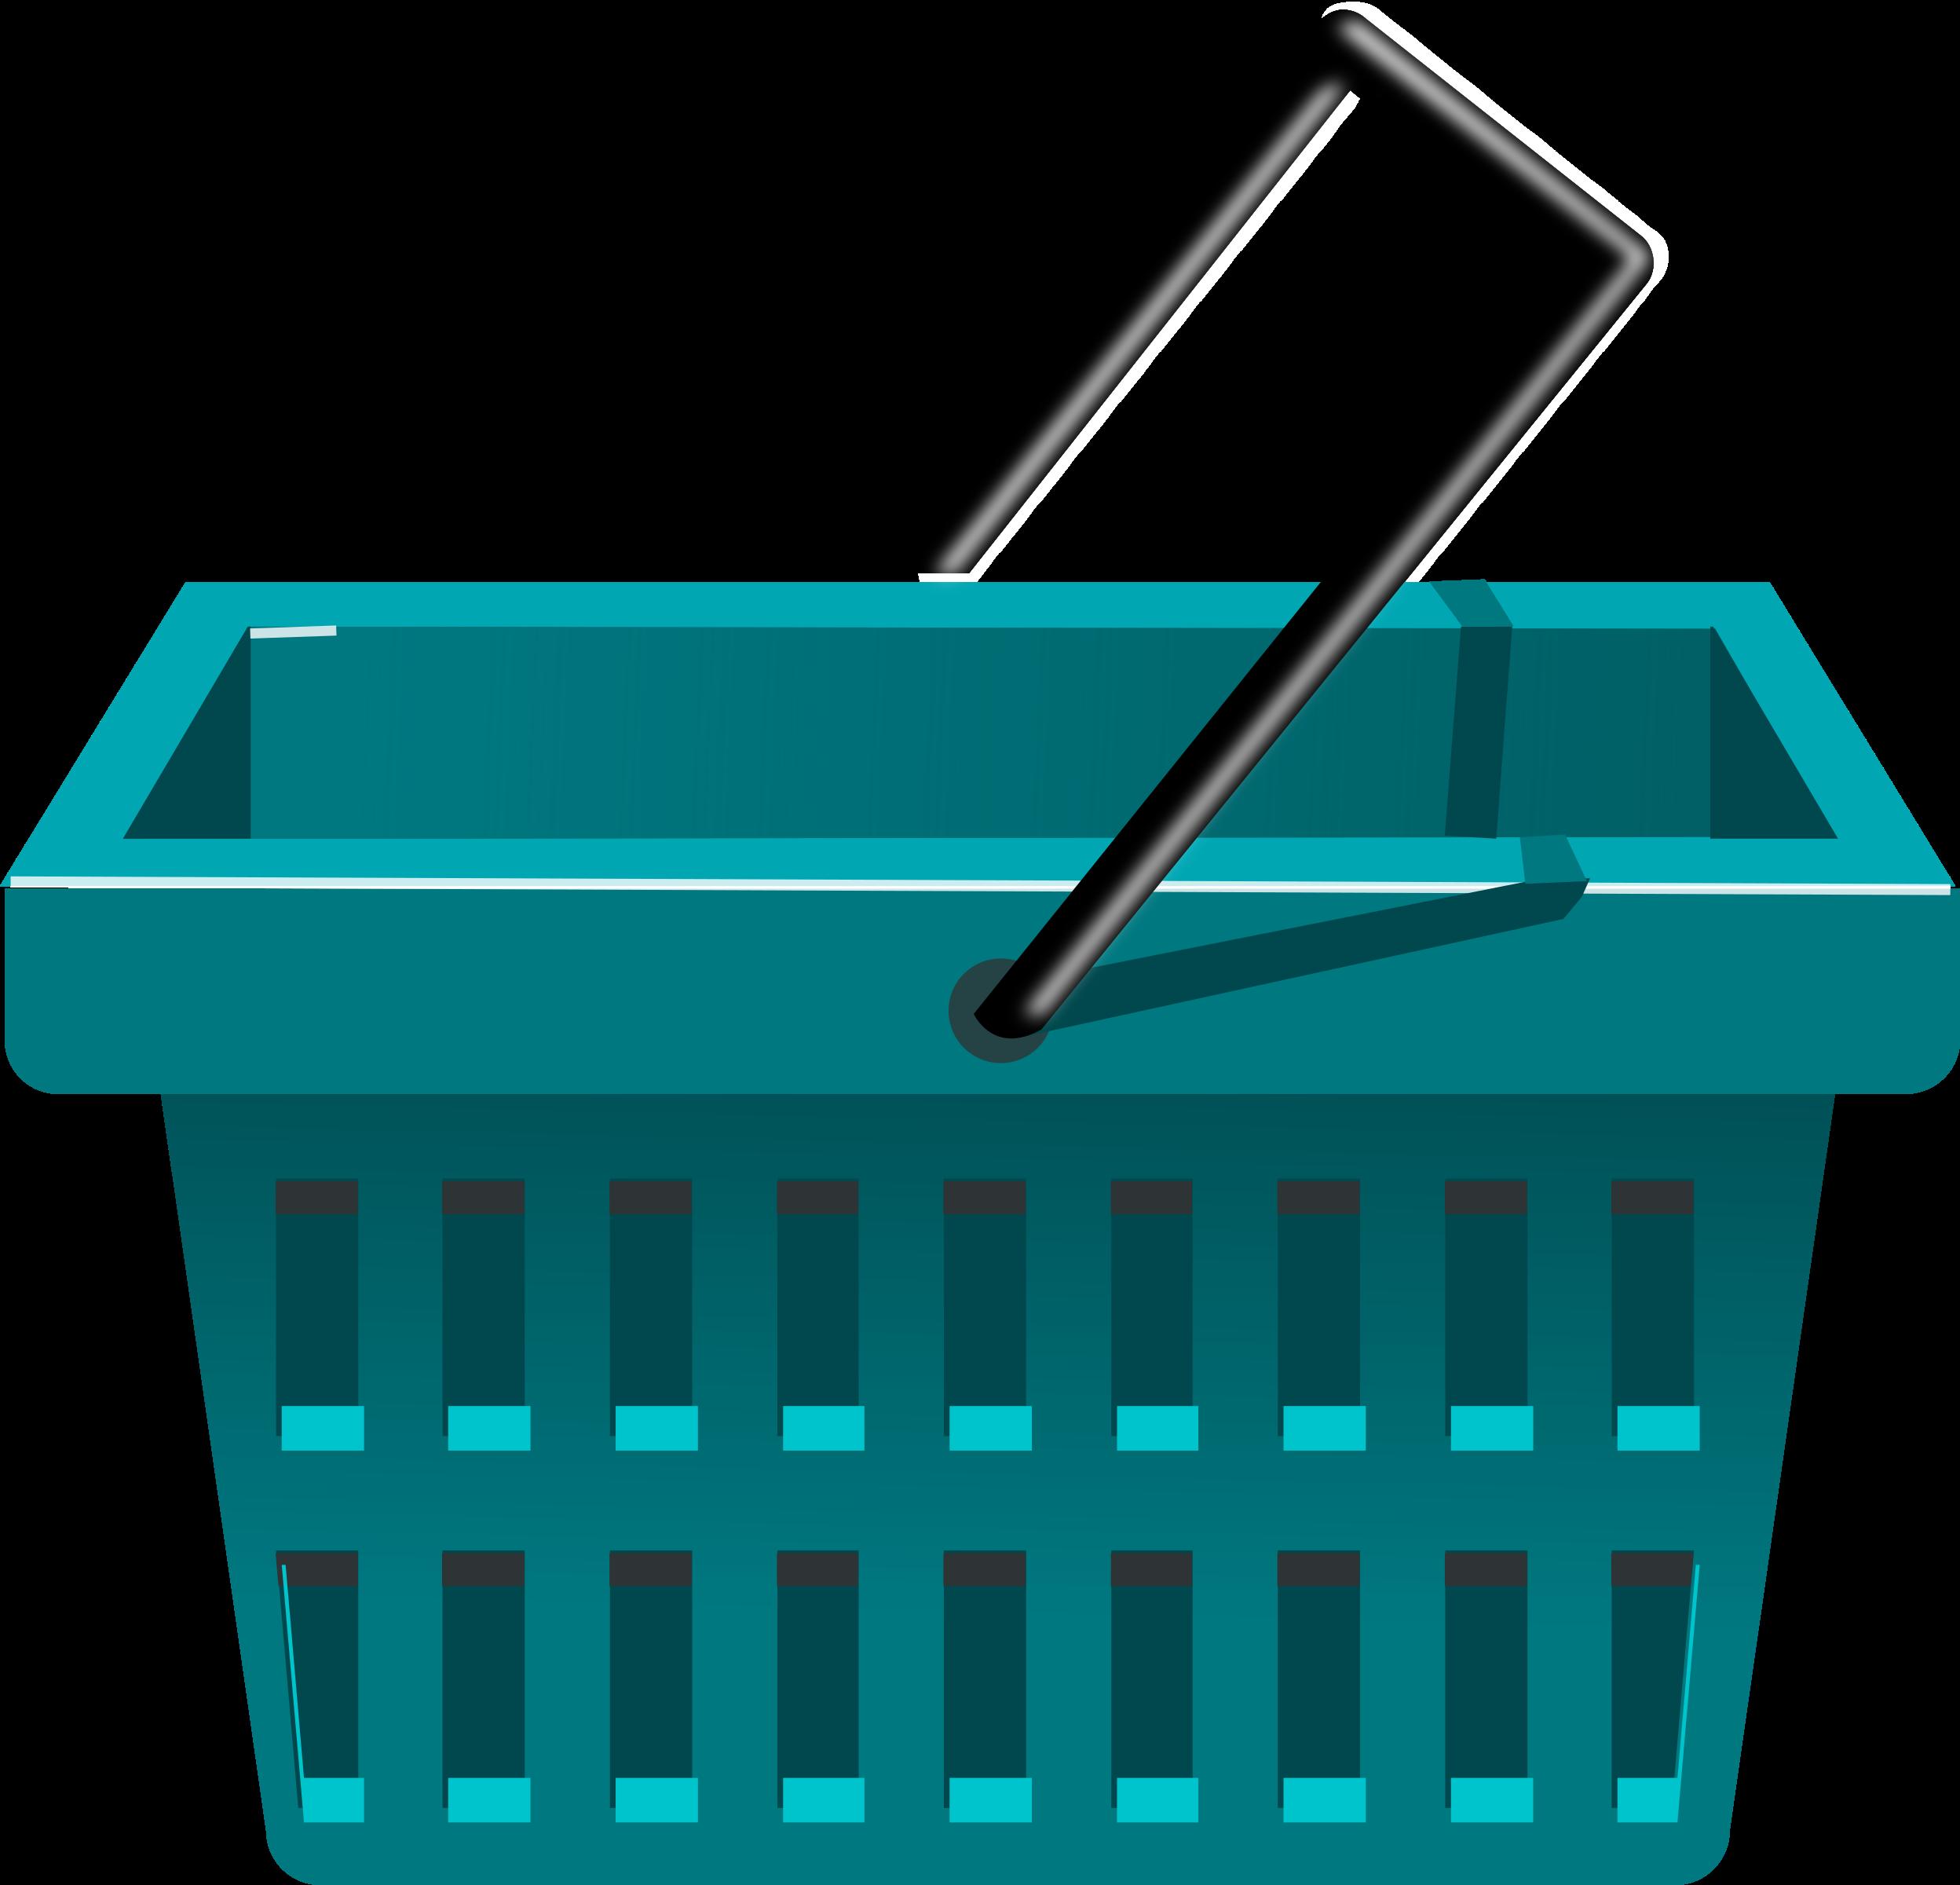 image royalty free download Supermarket clipart logo. Blue basket big image.